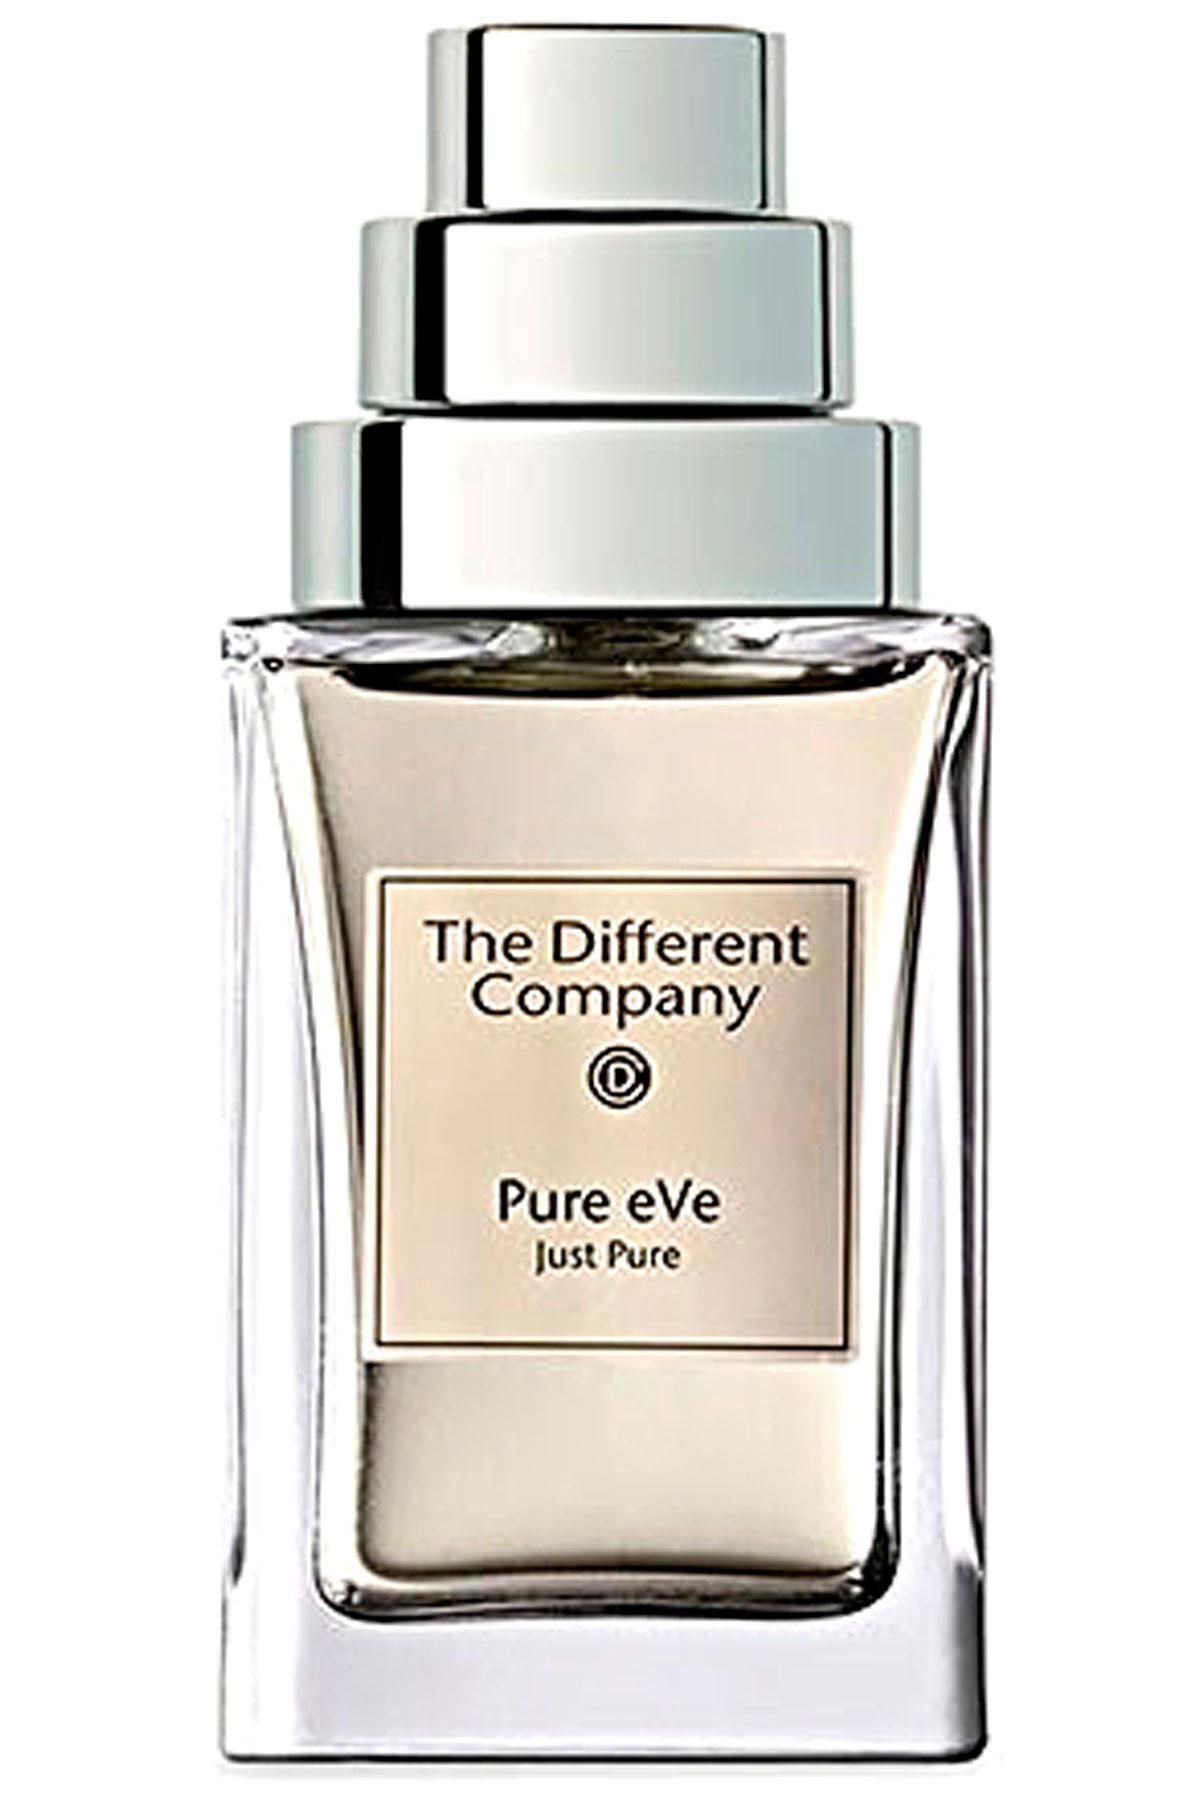 The Different Company Fragrances for Women, Pure Eve - Eau De Parfum - 100 Ml, 2019, 100 ml